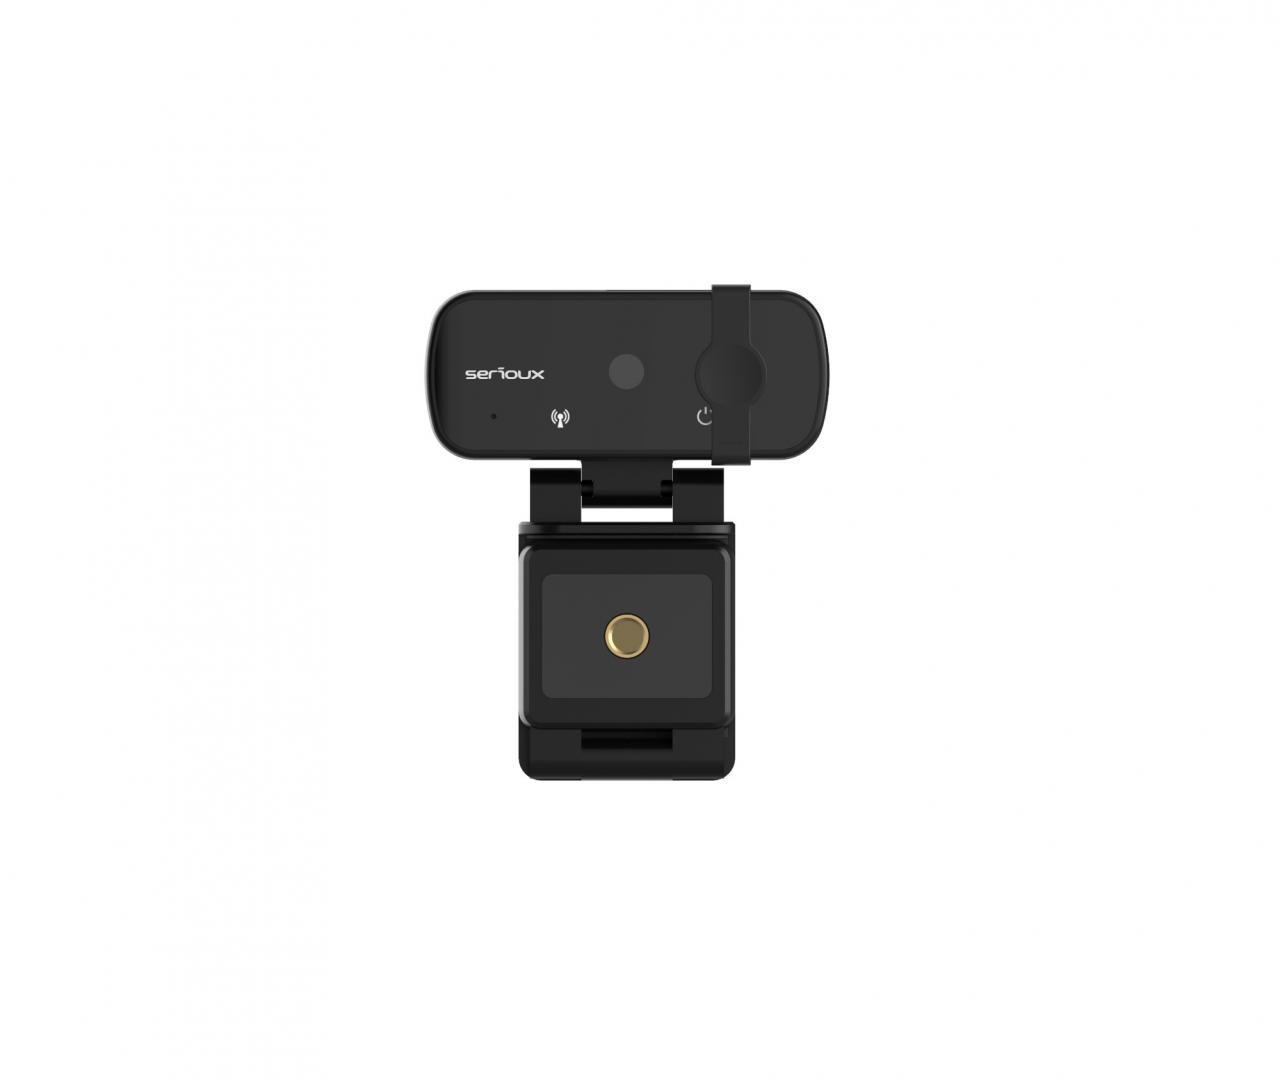 Camera web Serioux Full HD 1080p, chipset Sunplus2381+F23, microfon incorporat, rata cadre 30fps, rezoluție maximă video 1920*1080, format video MJPG / YUY2, senzor CMOS HD 2.0 Mega pixeli pentru imagine, tipul focalizării autofocus, control automat saturație, contrast, acutanță, echilibru de alb - imaginea 2